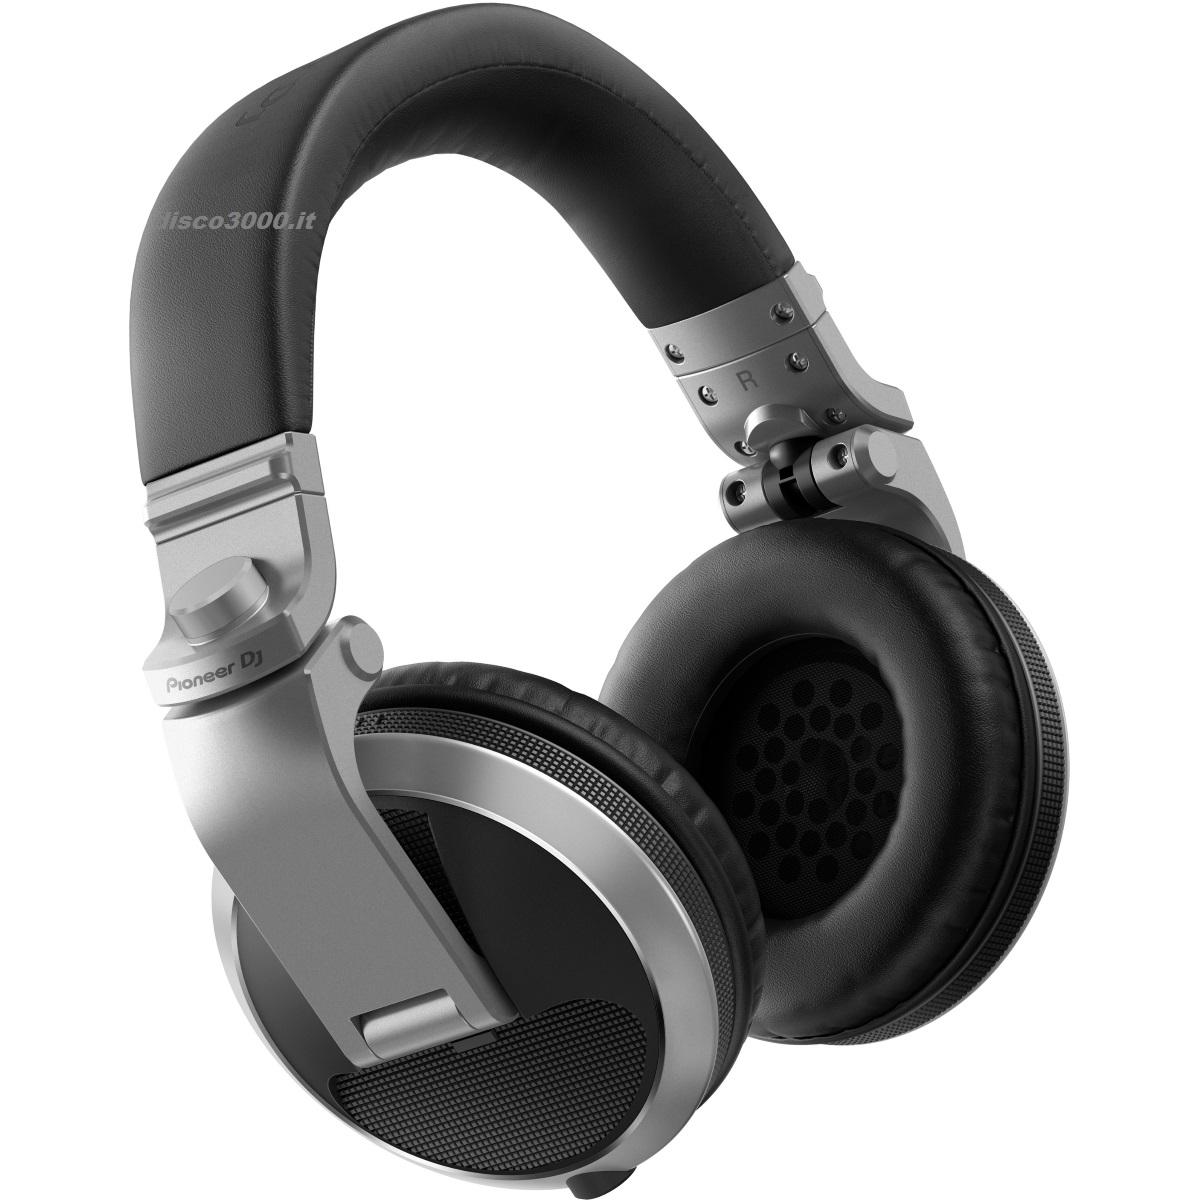 Le cuffie HDJ-X sono progettate per essere flessibili. Il meccanismo  girevole ti permette di indossarle comodamente a lungo nel modo che  preferisci. 34f56a38770e